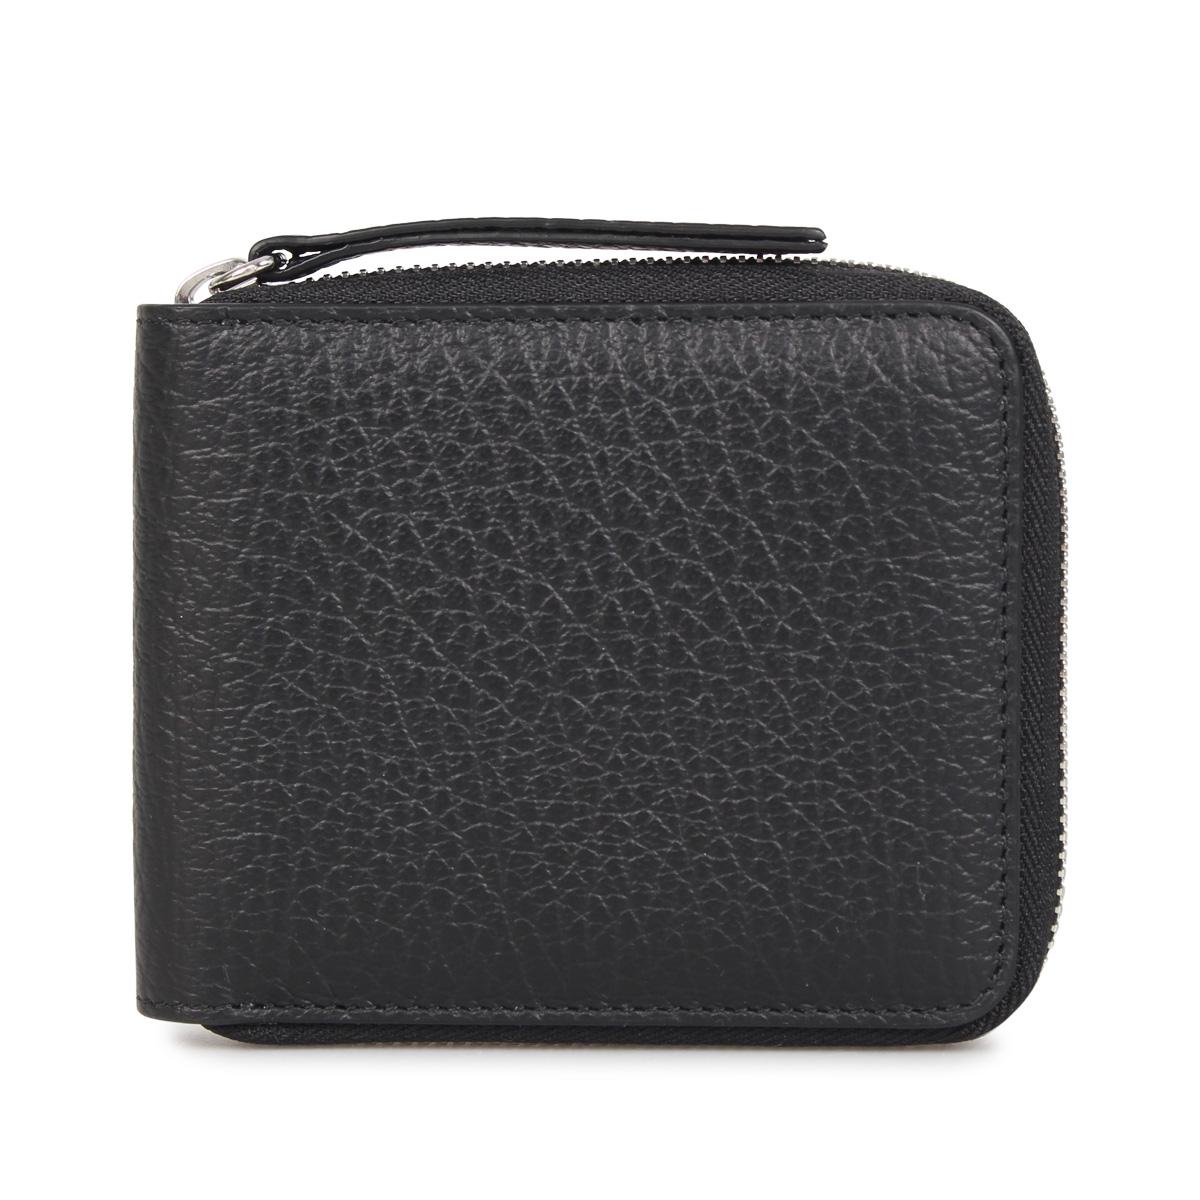 MAISON MARGIELA WALLET メゾンマルジェラ 財布 二つ折り メンズ レディース ブラック 黒 S56UI0111 [3/12 新入荷]